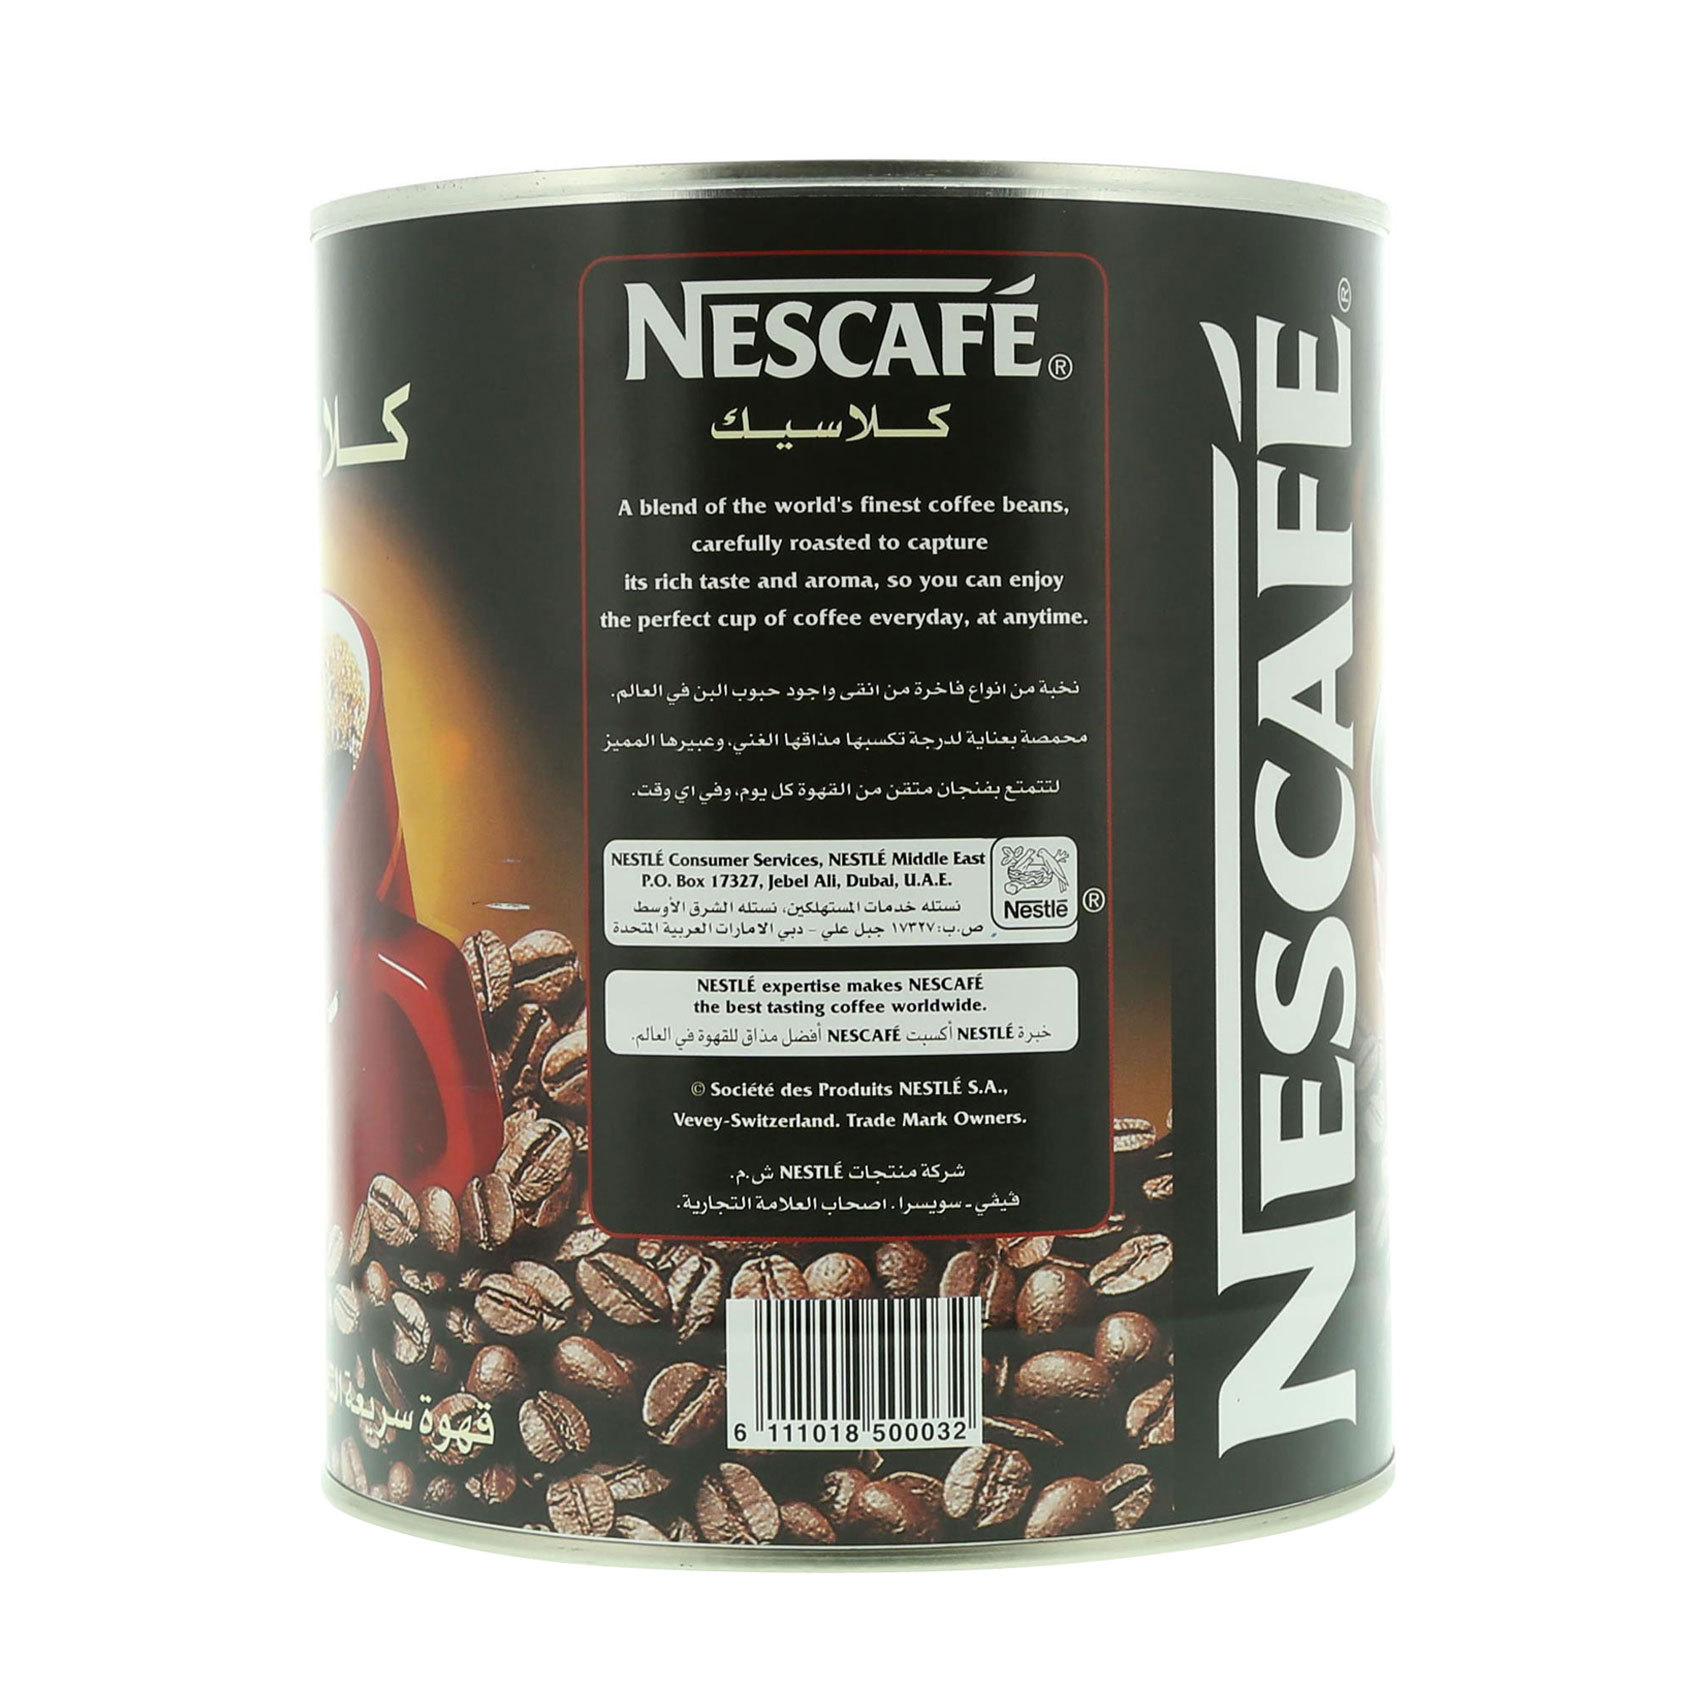 NESCAFE COFFEE 750GR